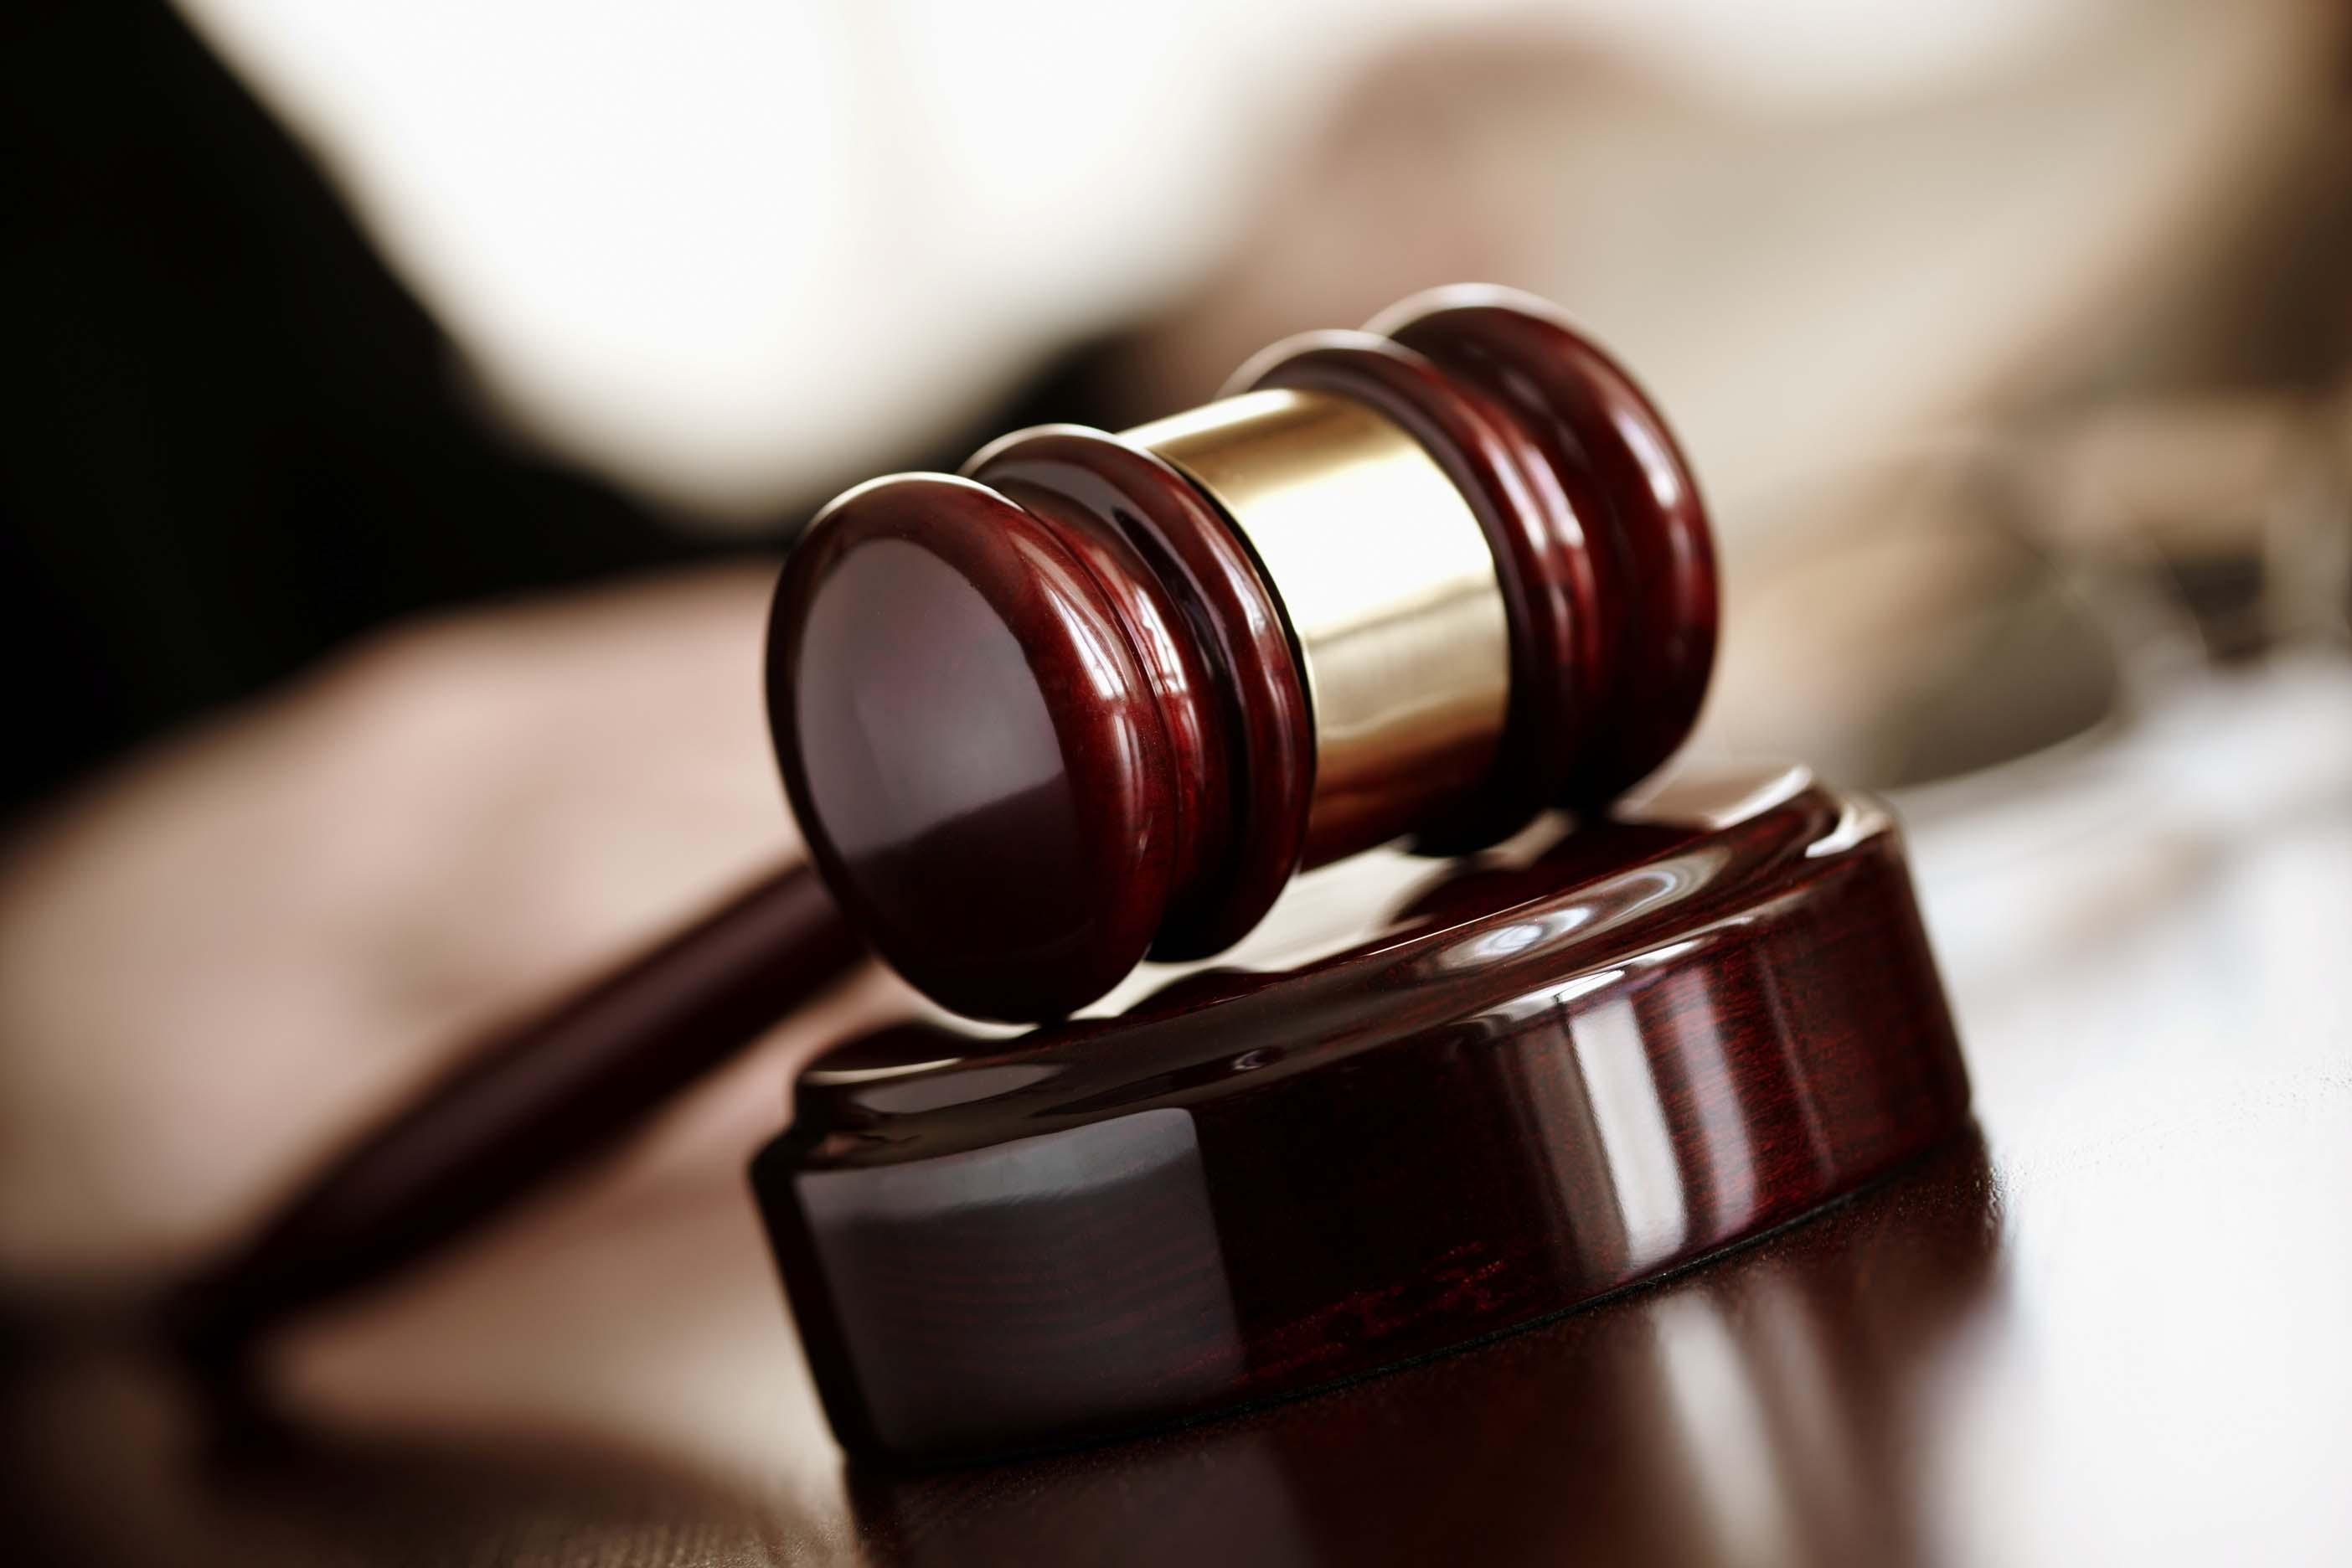 La provincia de Sindh aprobó con 55 millones de votos una ordenanza que prohíbe los castigos corporales a menores